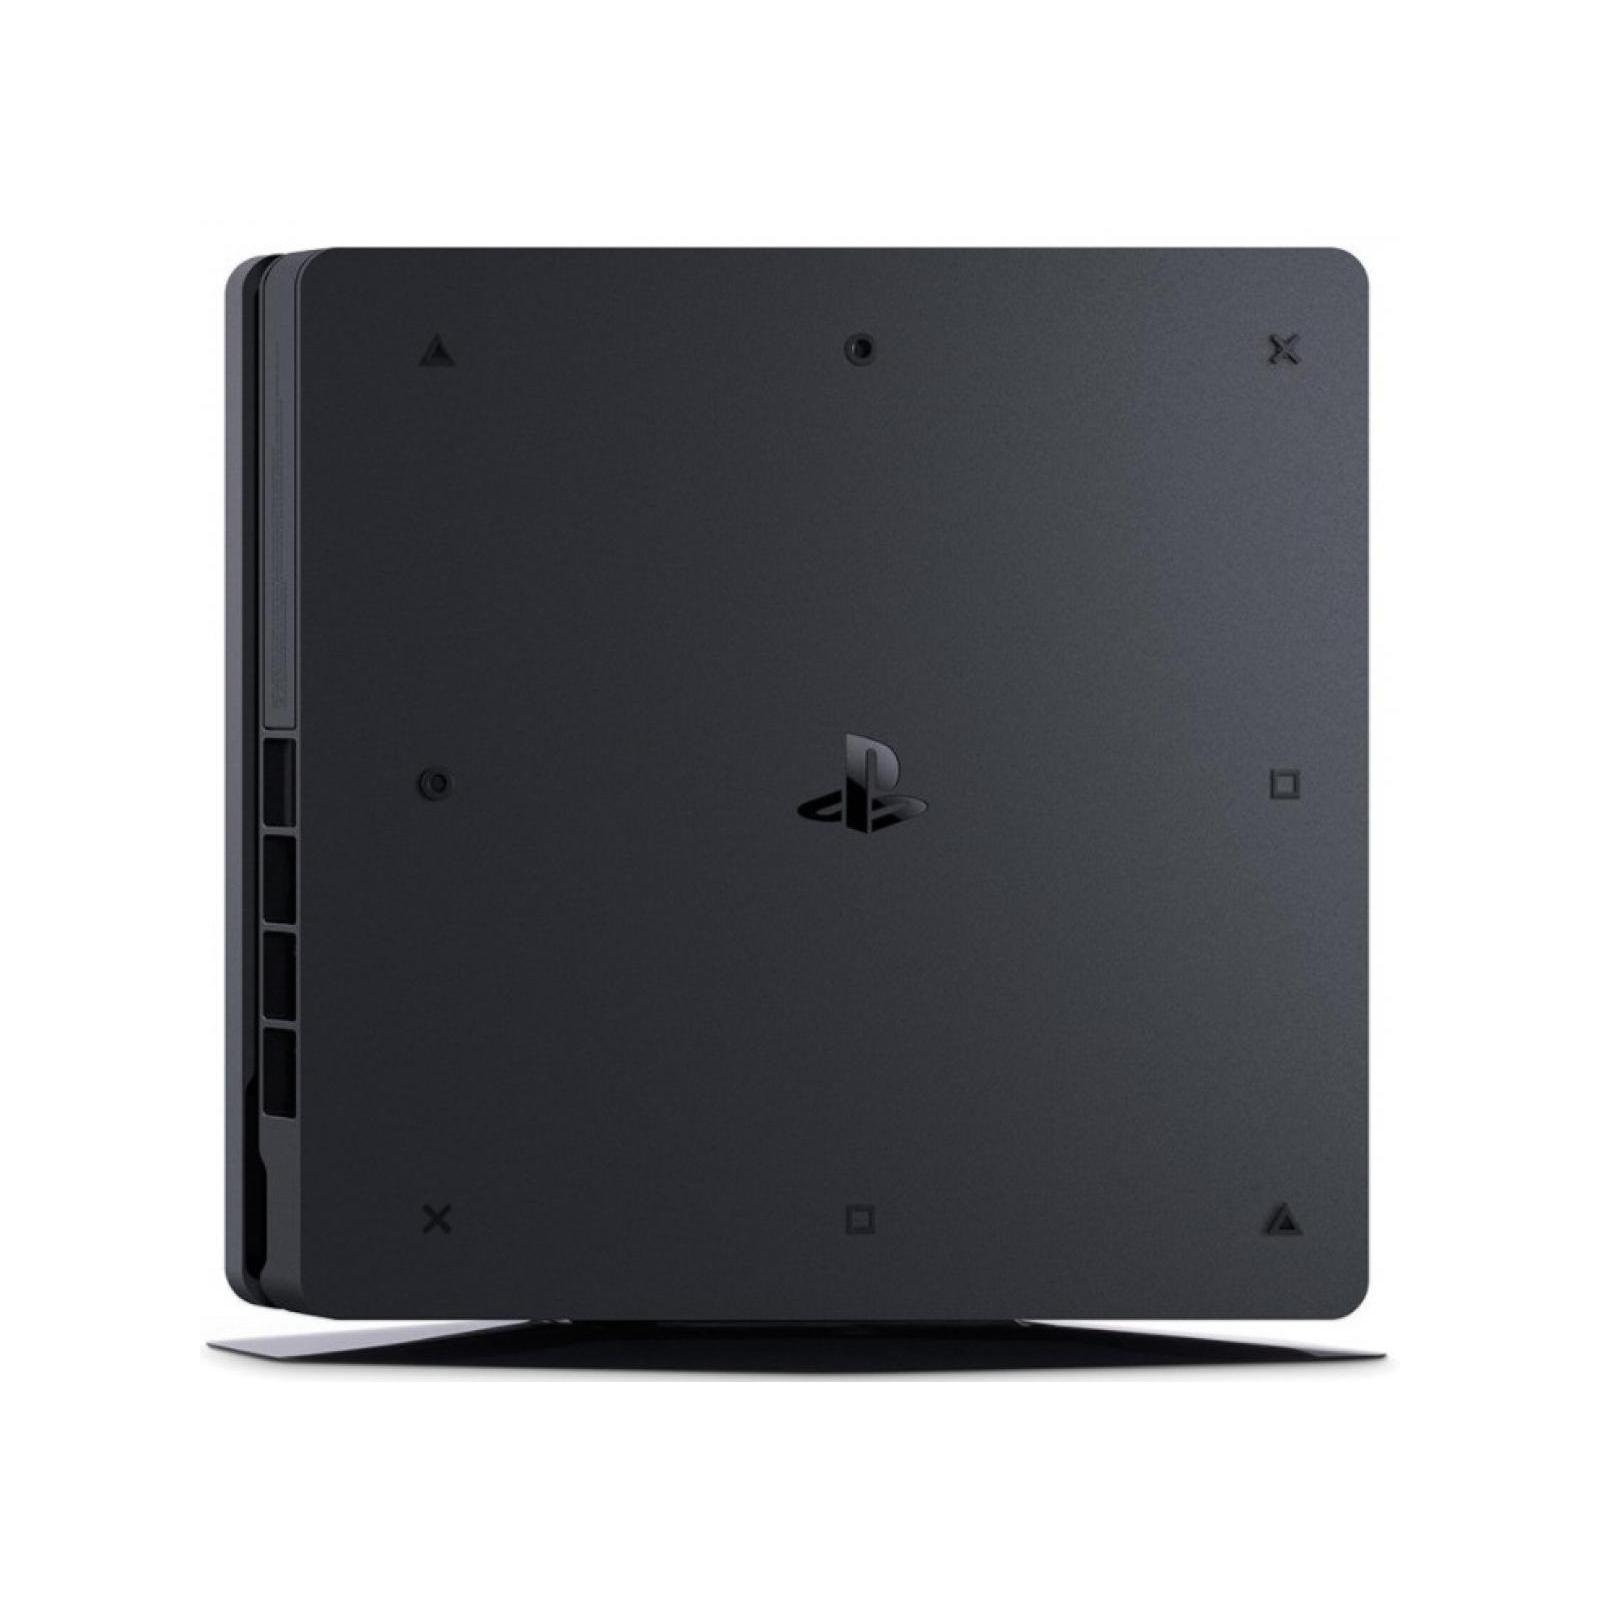 Игровая консоль Sony PlayStation 4 Slim 1Tb Black (God of War) (9385172) изображение 3